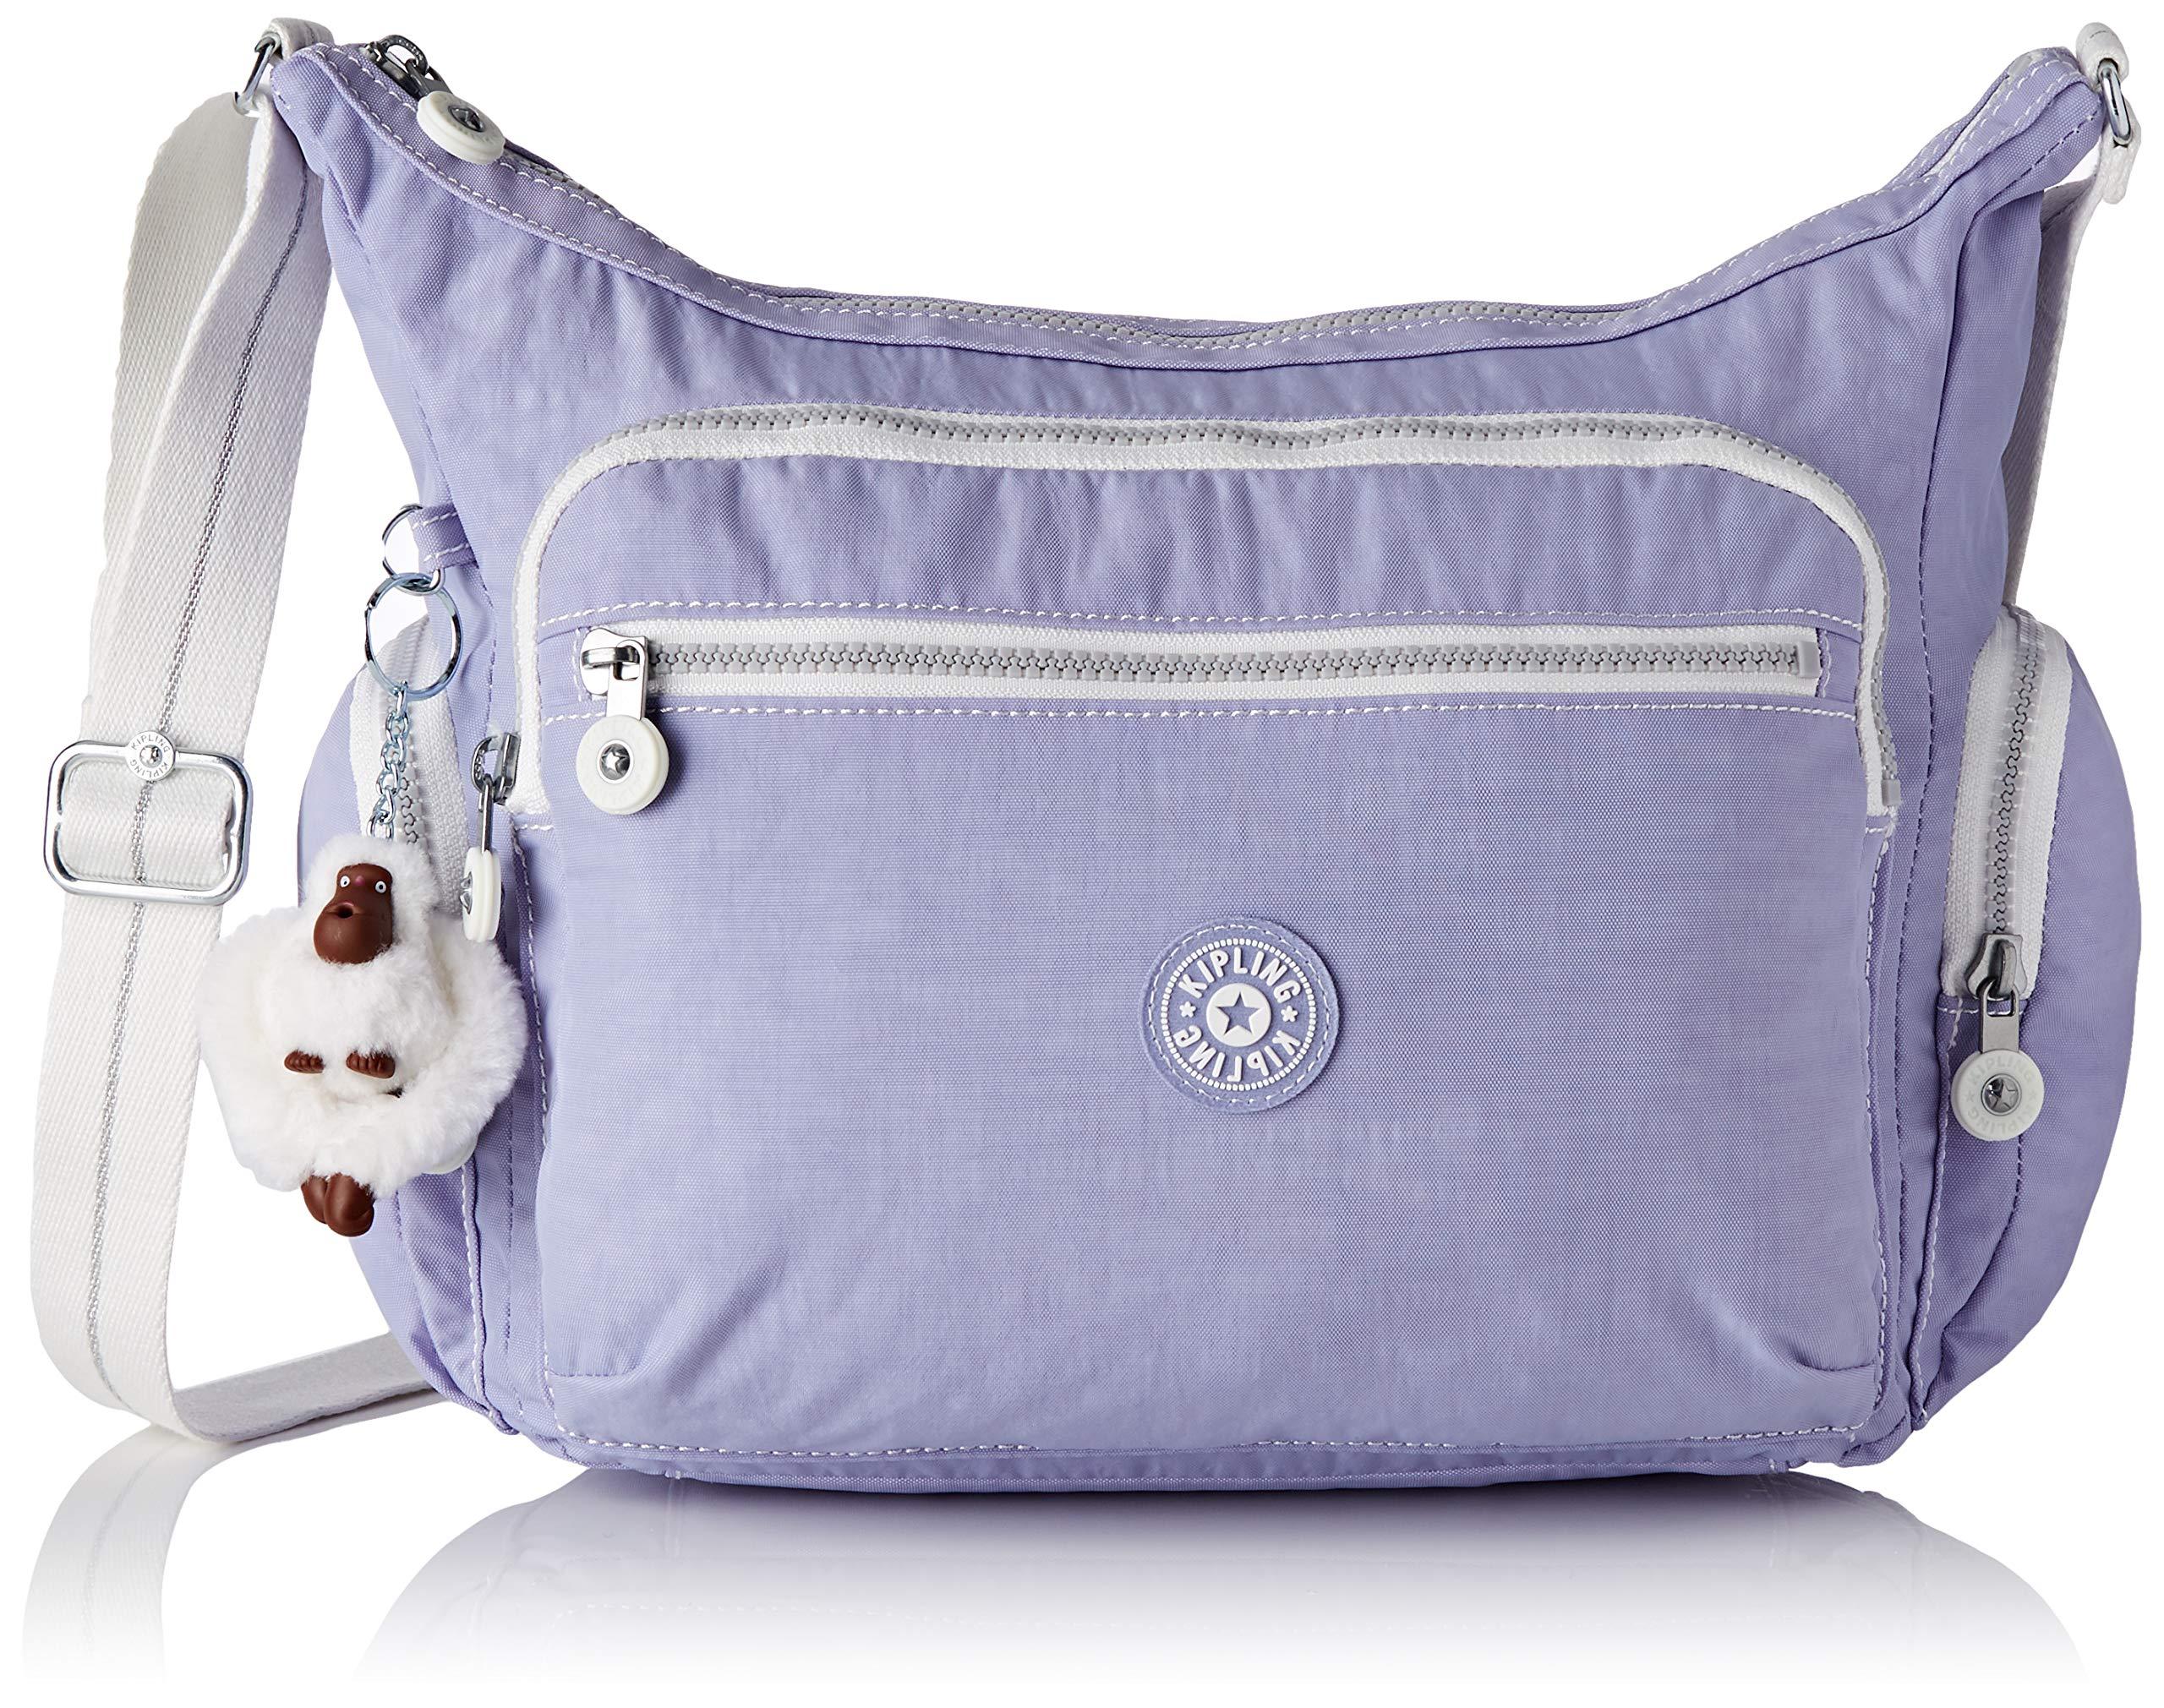 Kipling Bl Bandoulière Lilac FemmeVioletactive GabbieSacs 0P8nwOXk